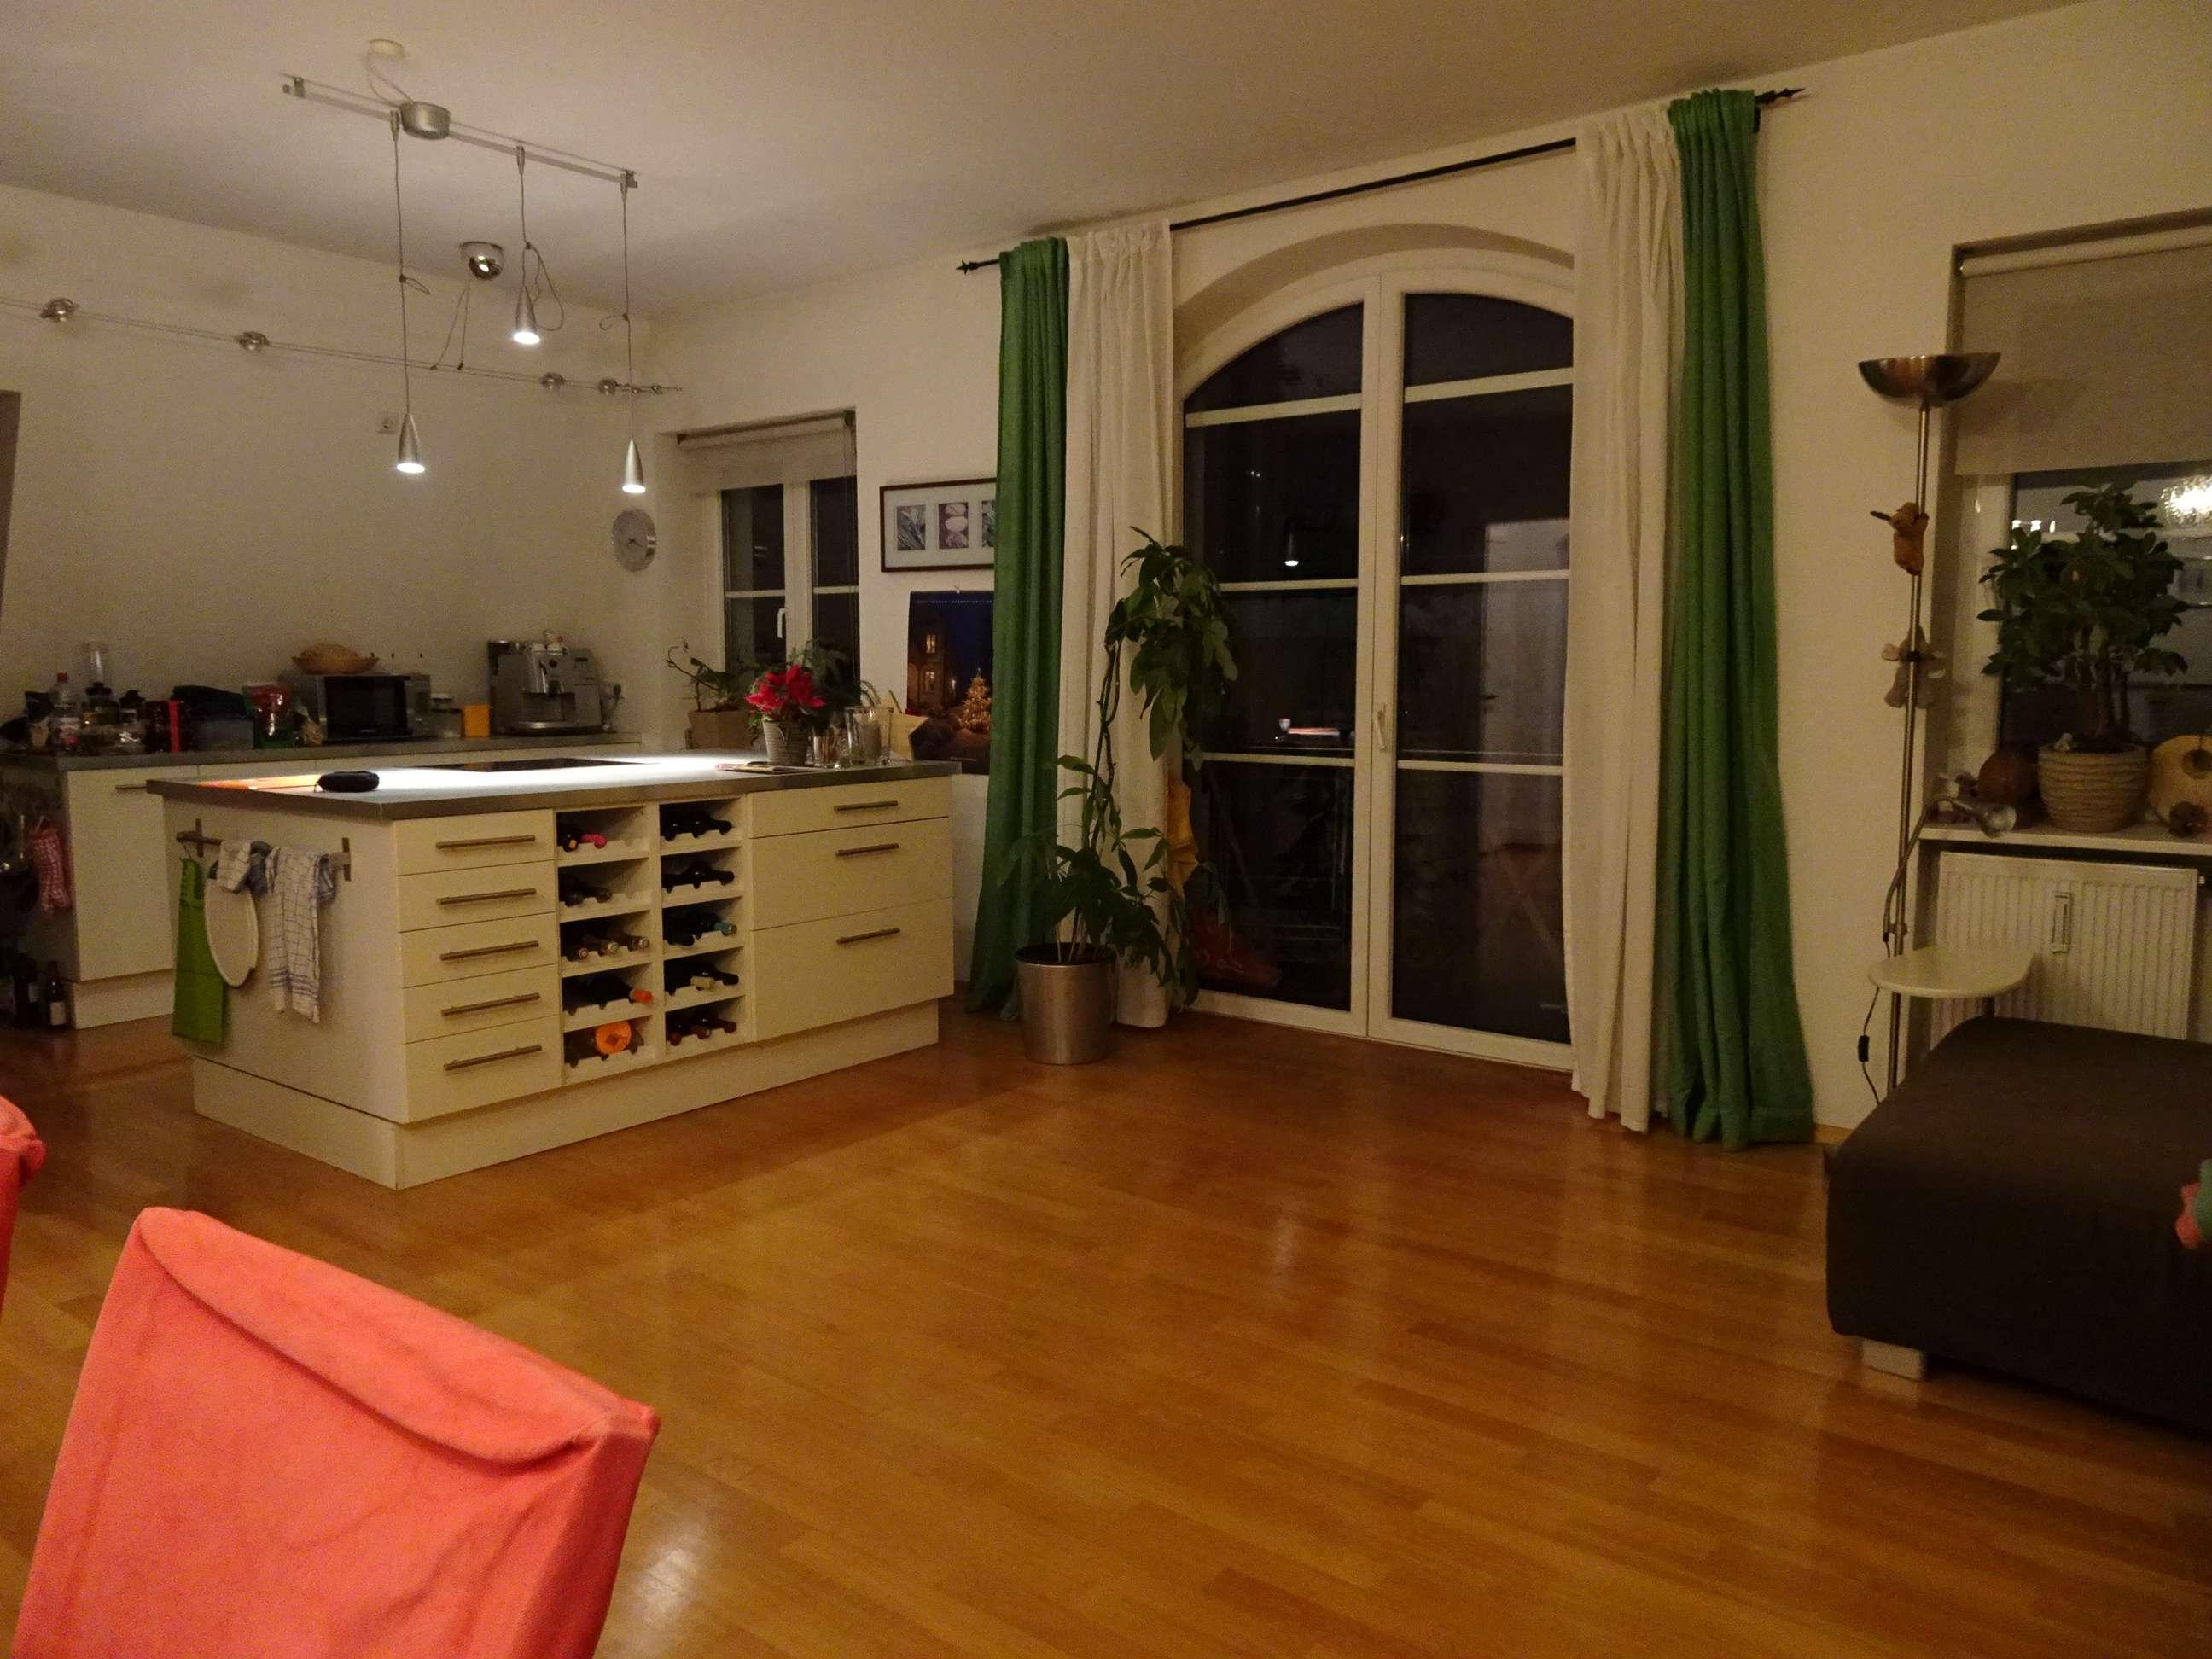 3,5-Zimmer Altbauwohnung, großzügige Wohnküche, Südbalkon in Augsburg, Nähe Innenstadt und Bahnhof in Augsburg-Innenstadt